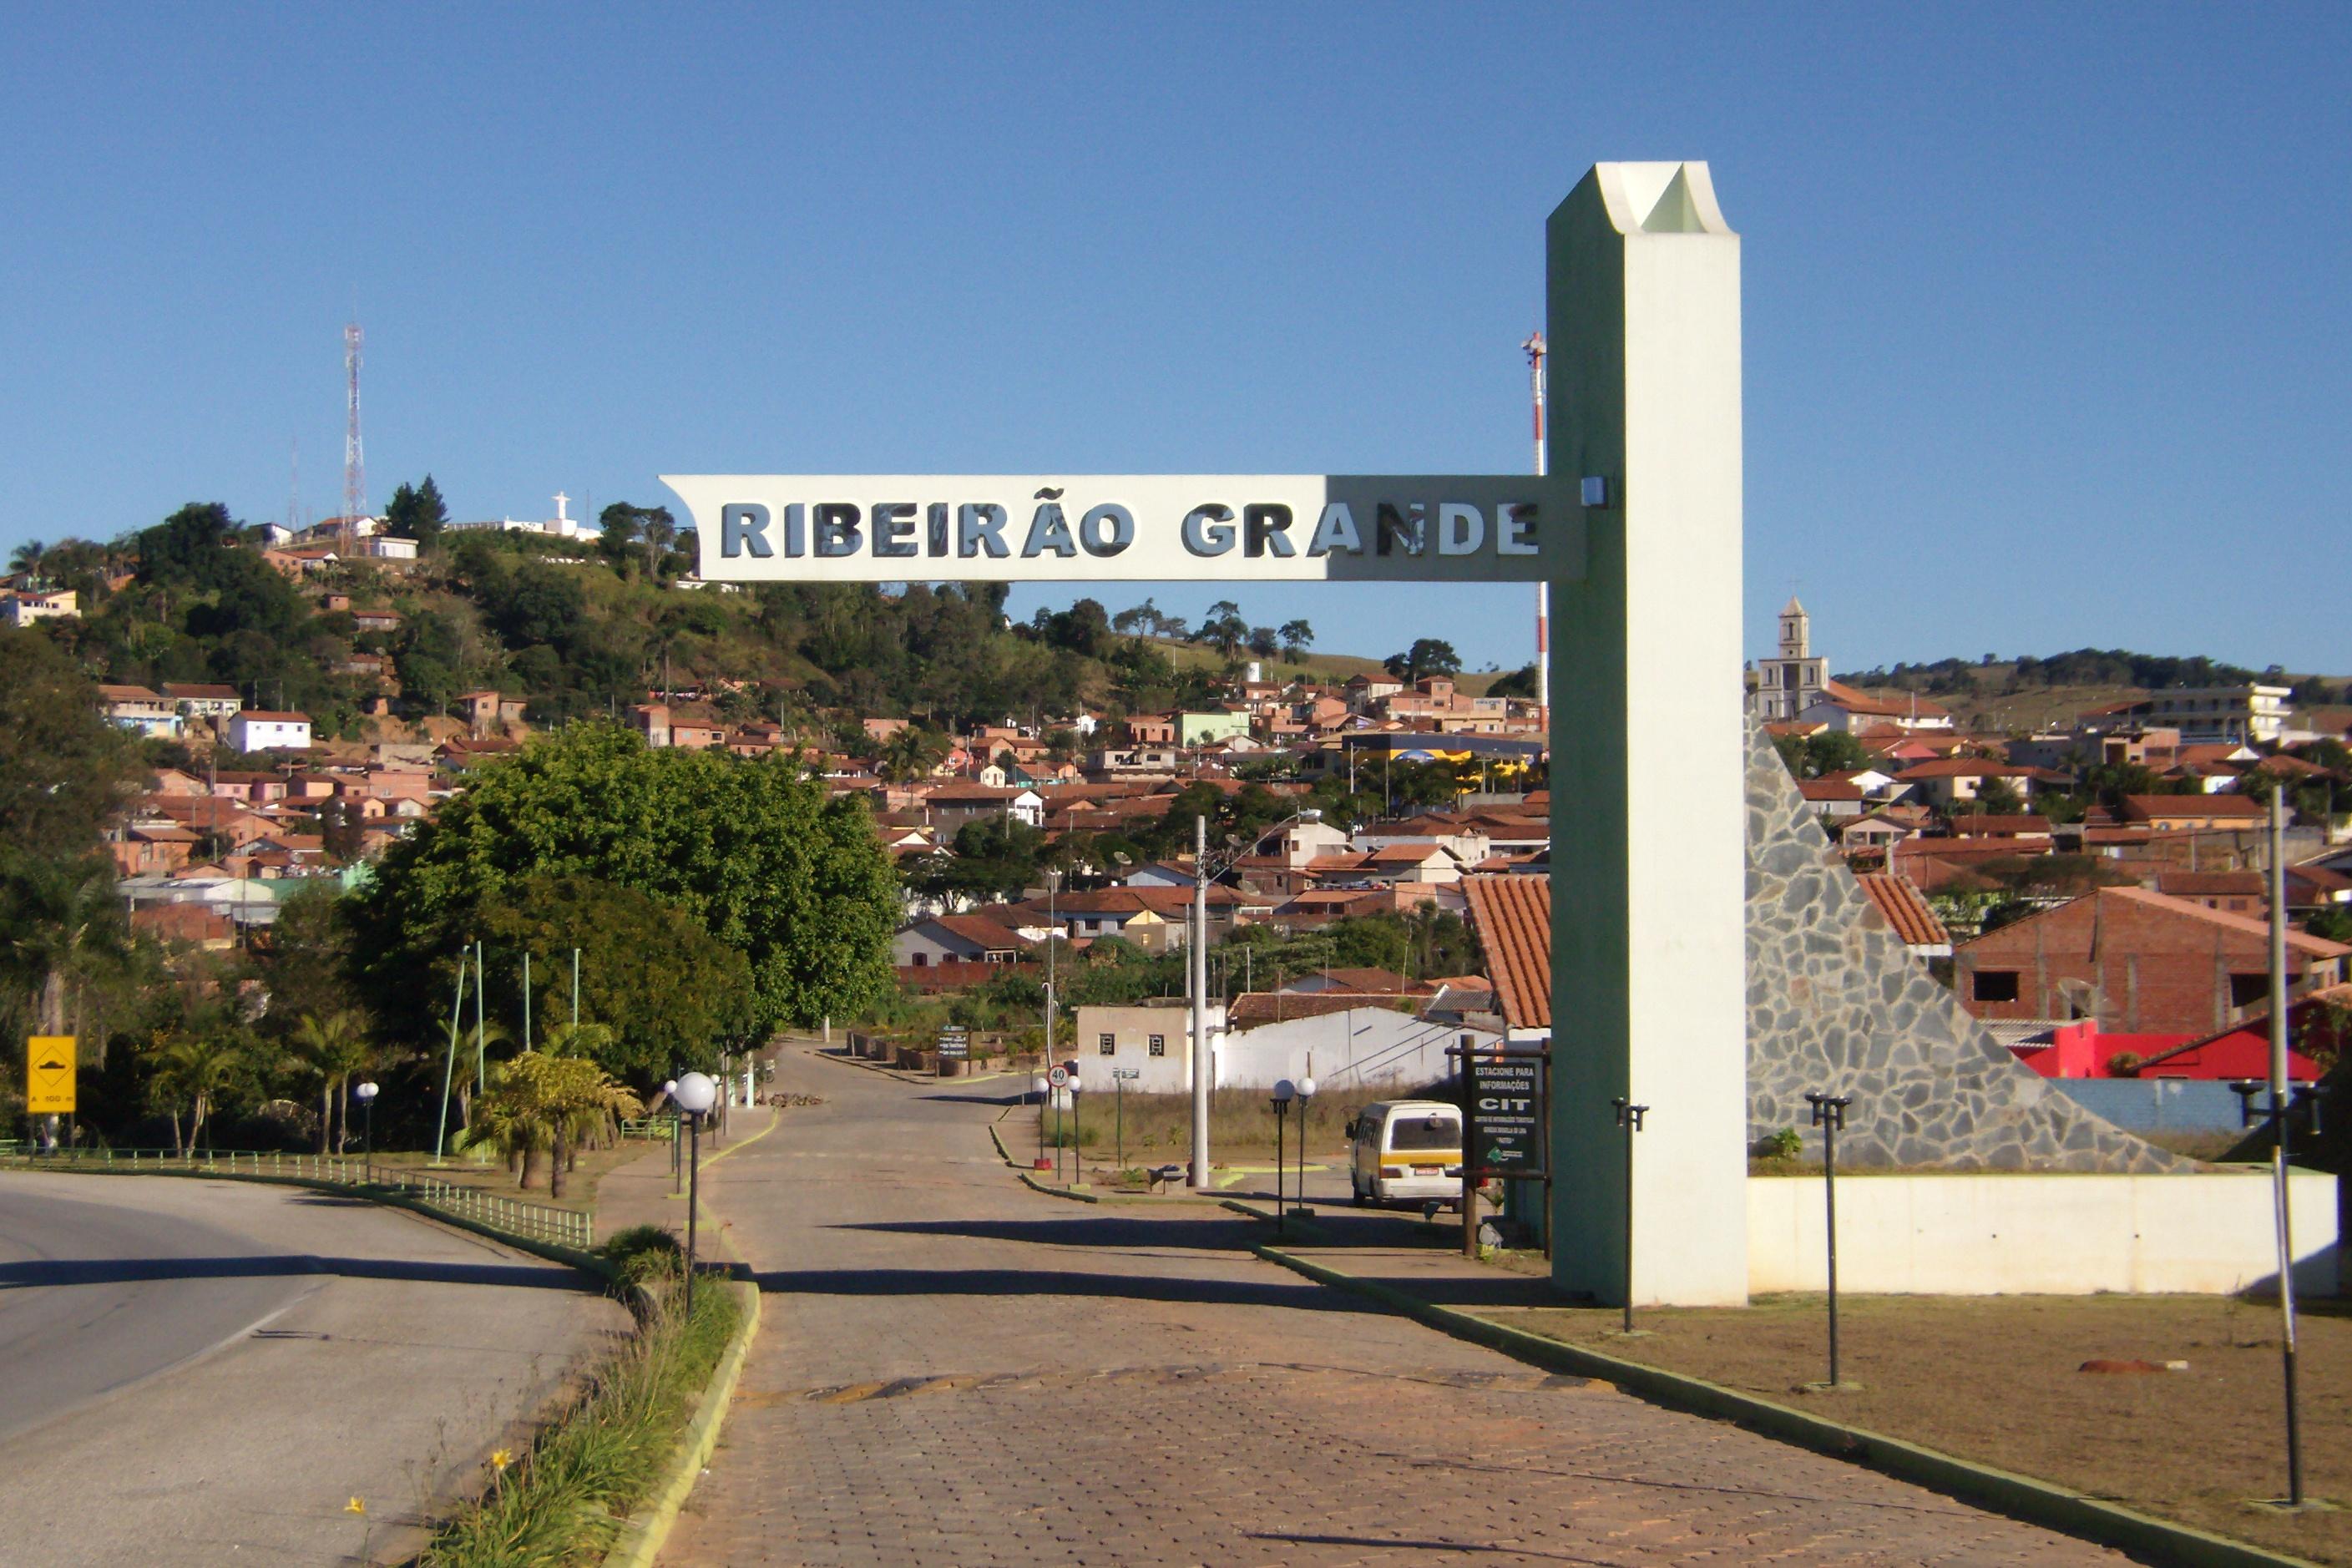 Ribeirão Grande São Paulo fonte: upload.wikimedia.org